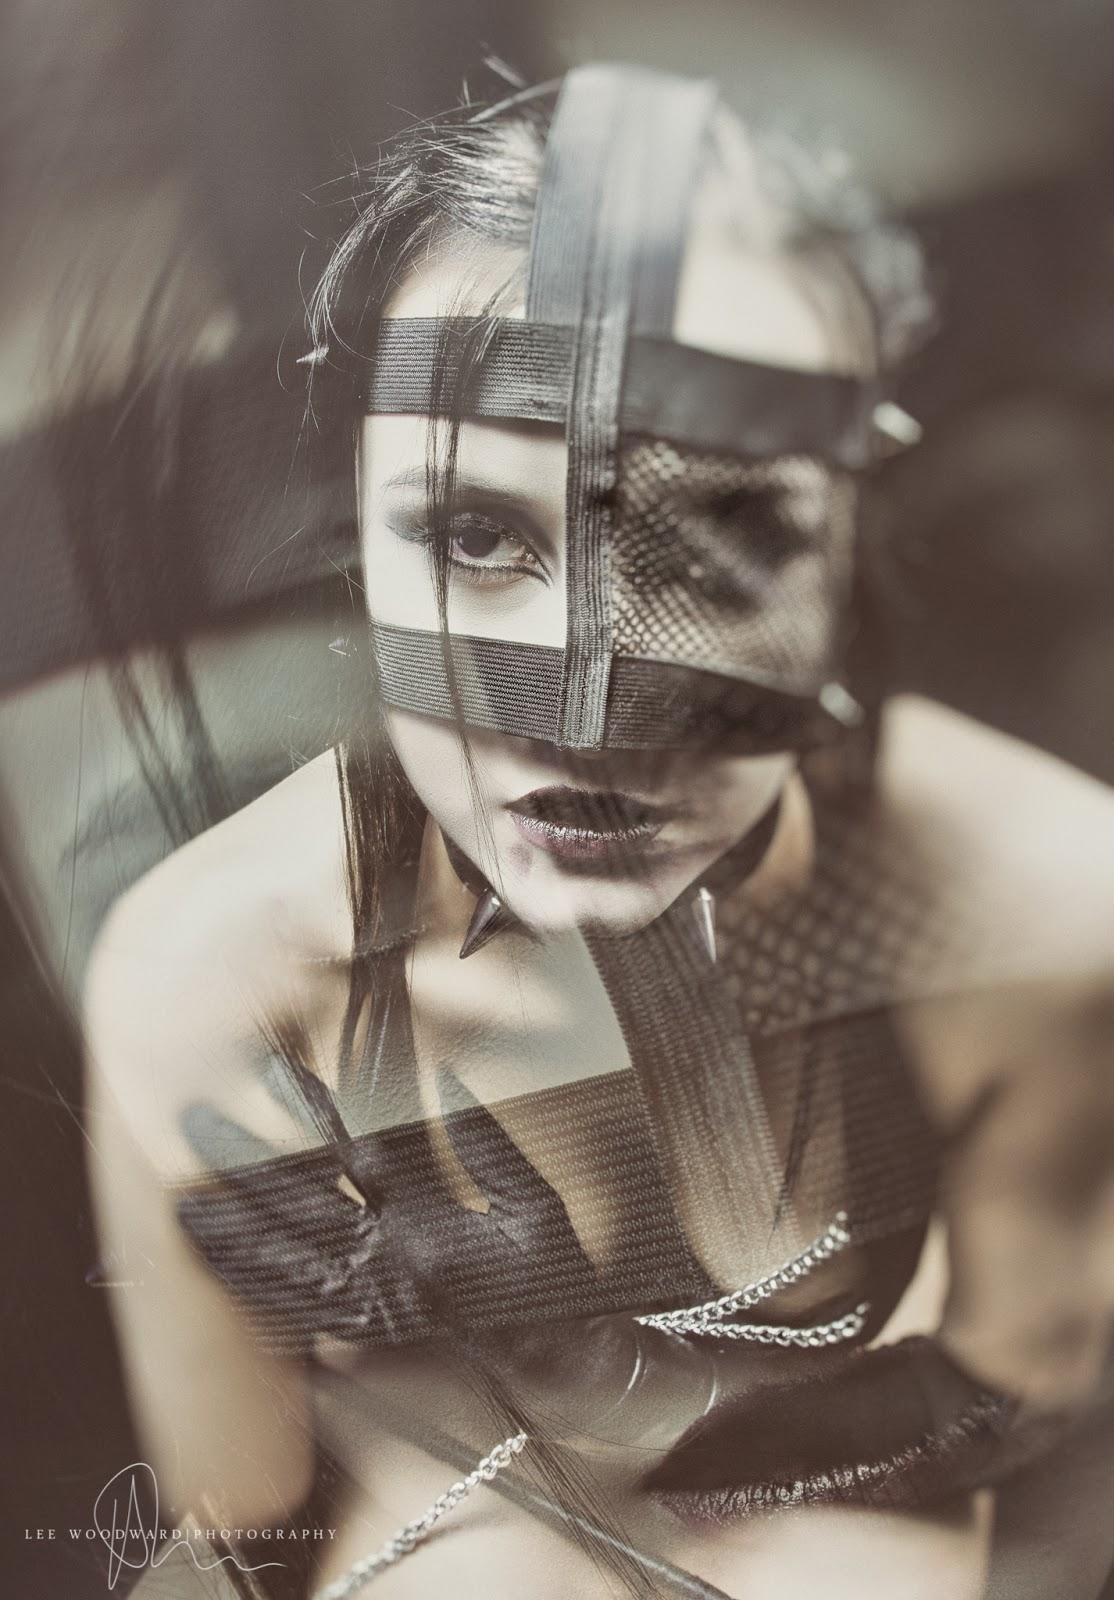 Mystic Magic, Shades Of Grey, fifty shades, fifty shades of grey, Lee Woodward Photography, photo, photography, fashion, high fashion photography, fetish, high fashion, fashion photo, dark beauty, photo shoot, masks, masquerade, mask photography, bondage, fetish, gothic, Not Naked,